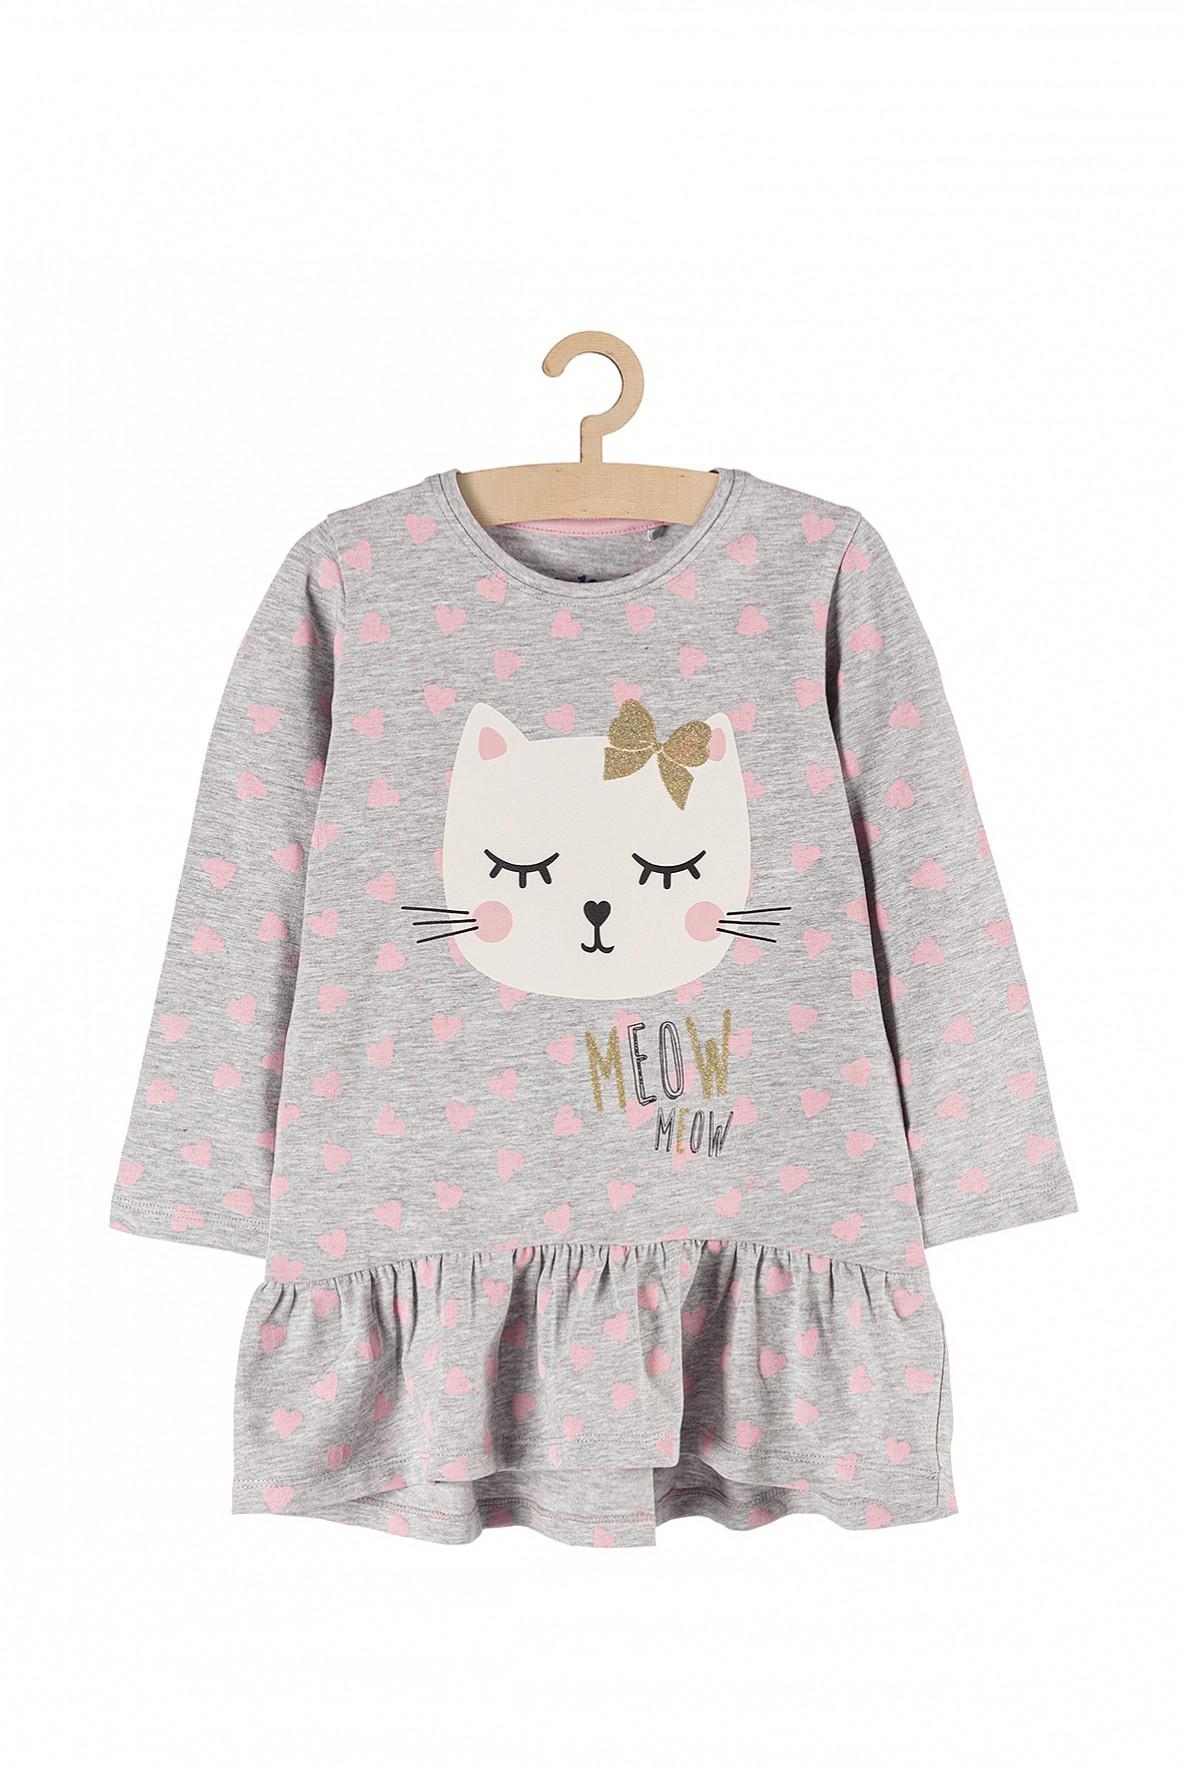 Bluzka dziewczęca szara z kotem i ozodbną falbanką